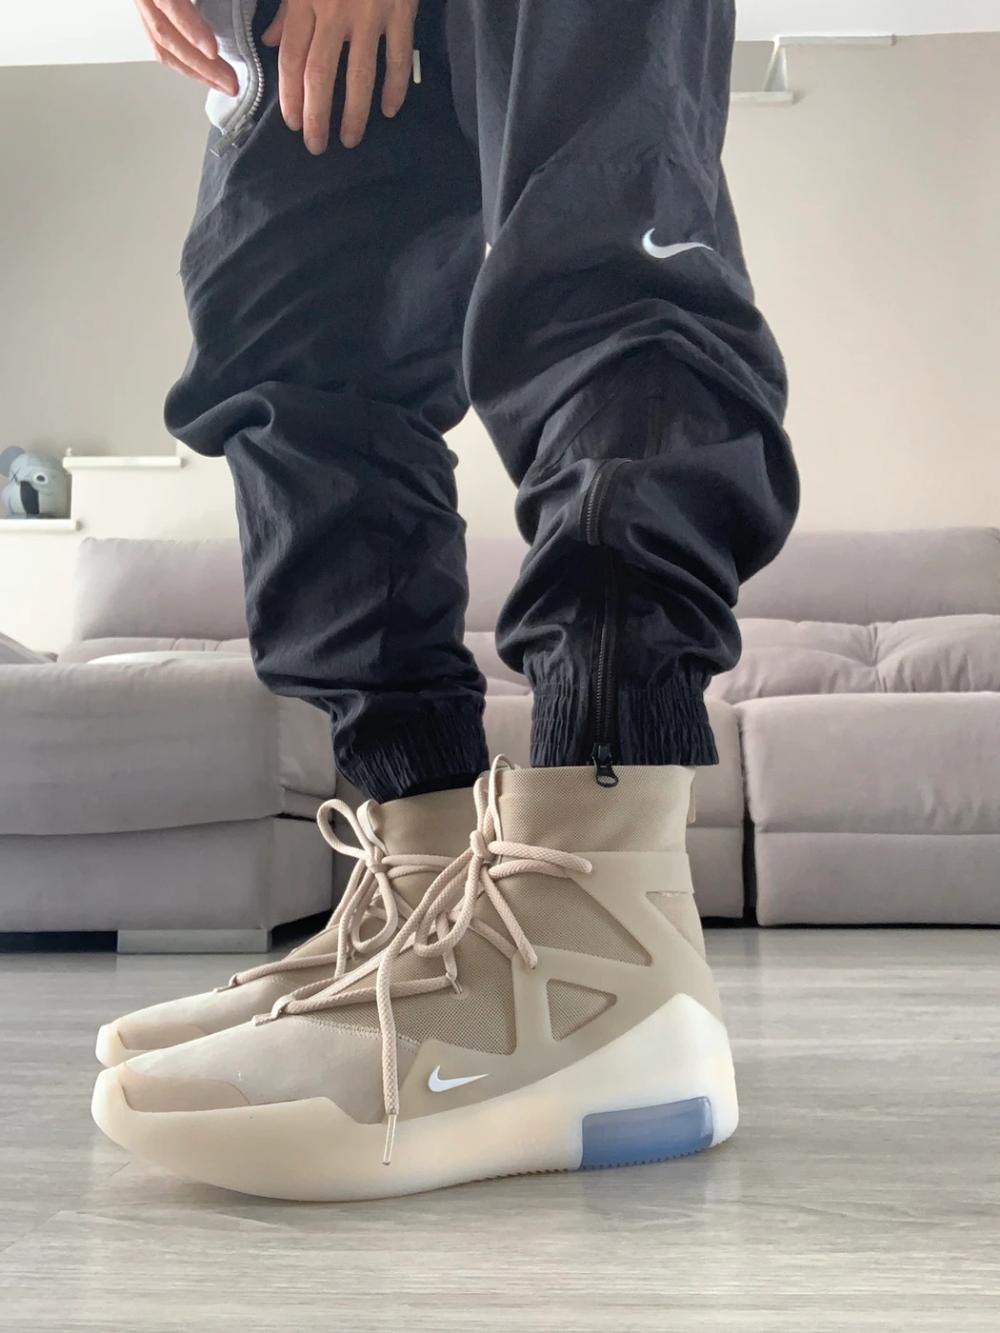 40+ Nike fear of god shoes ideas ideas in 2021